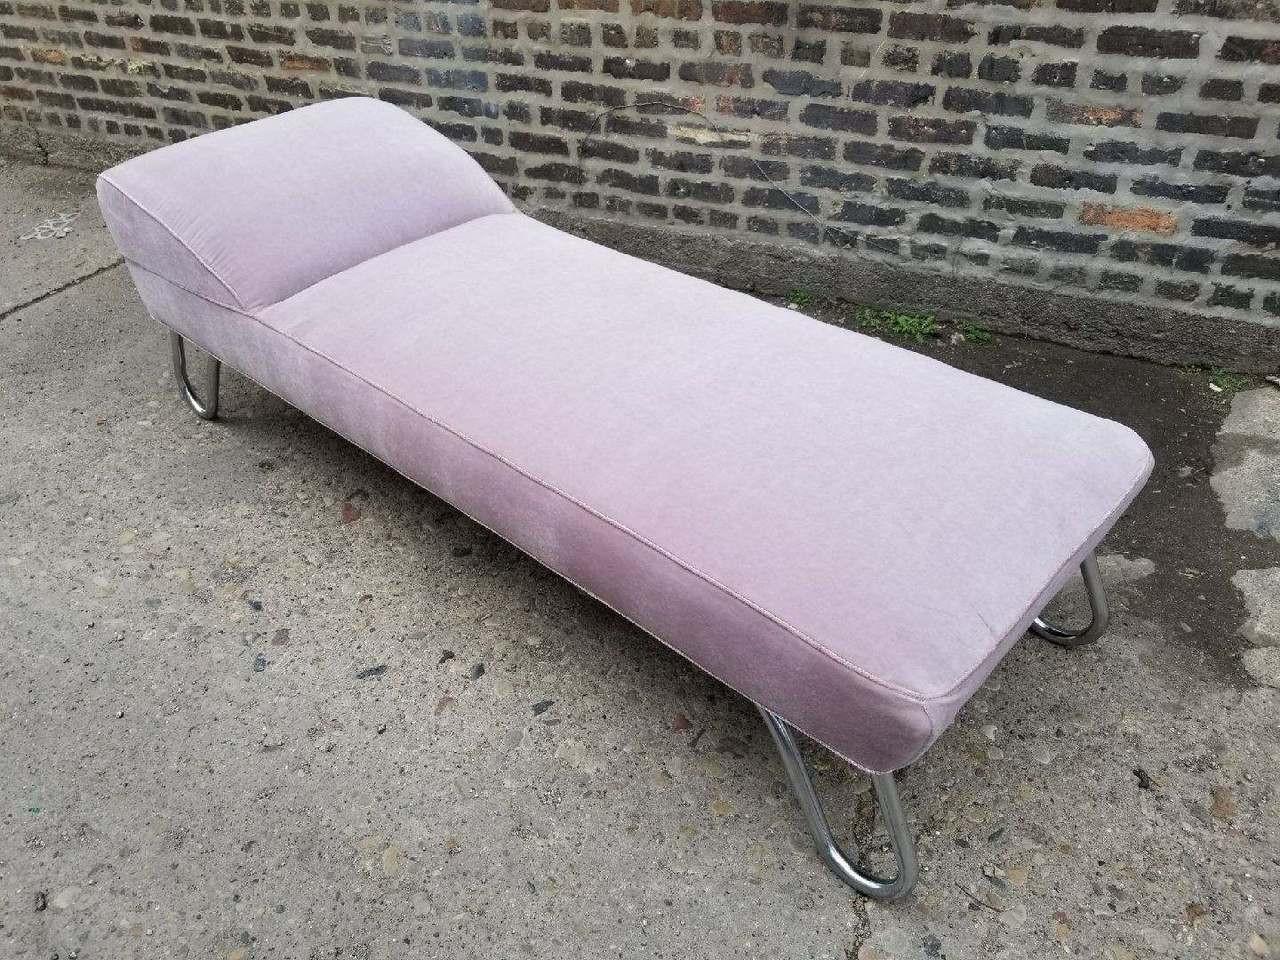 Kem Weber Art Deco Streamline Moderne Chaise Lounge Daybed Vintage